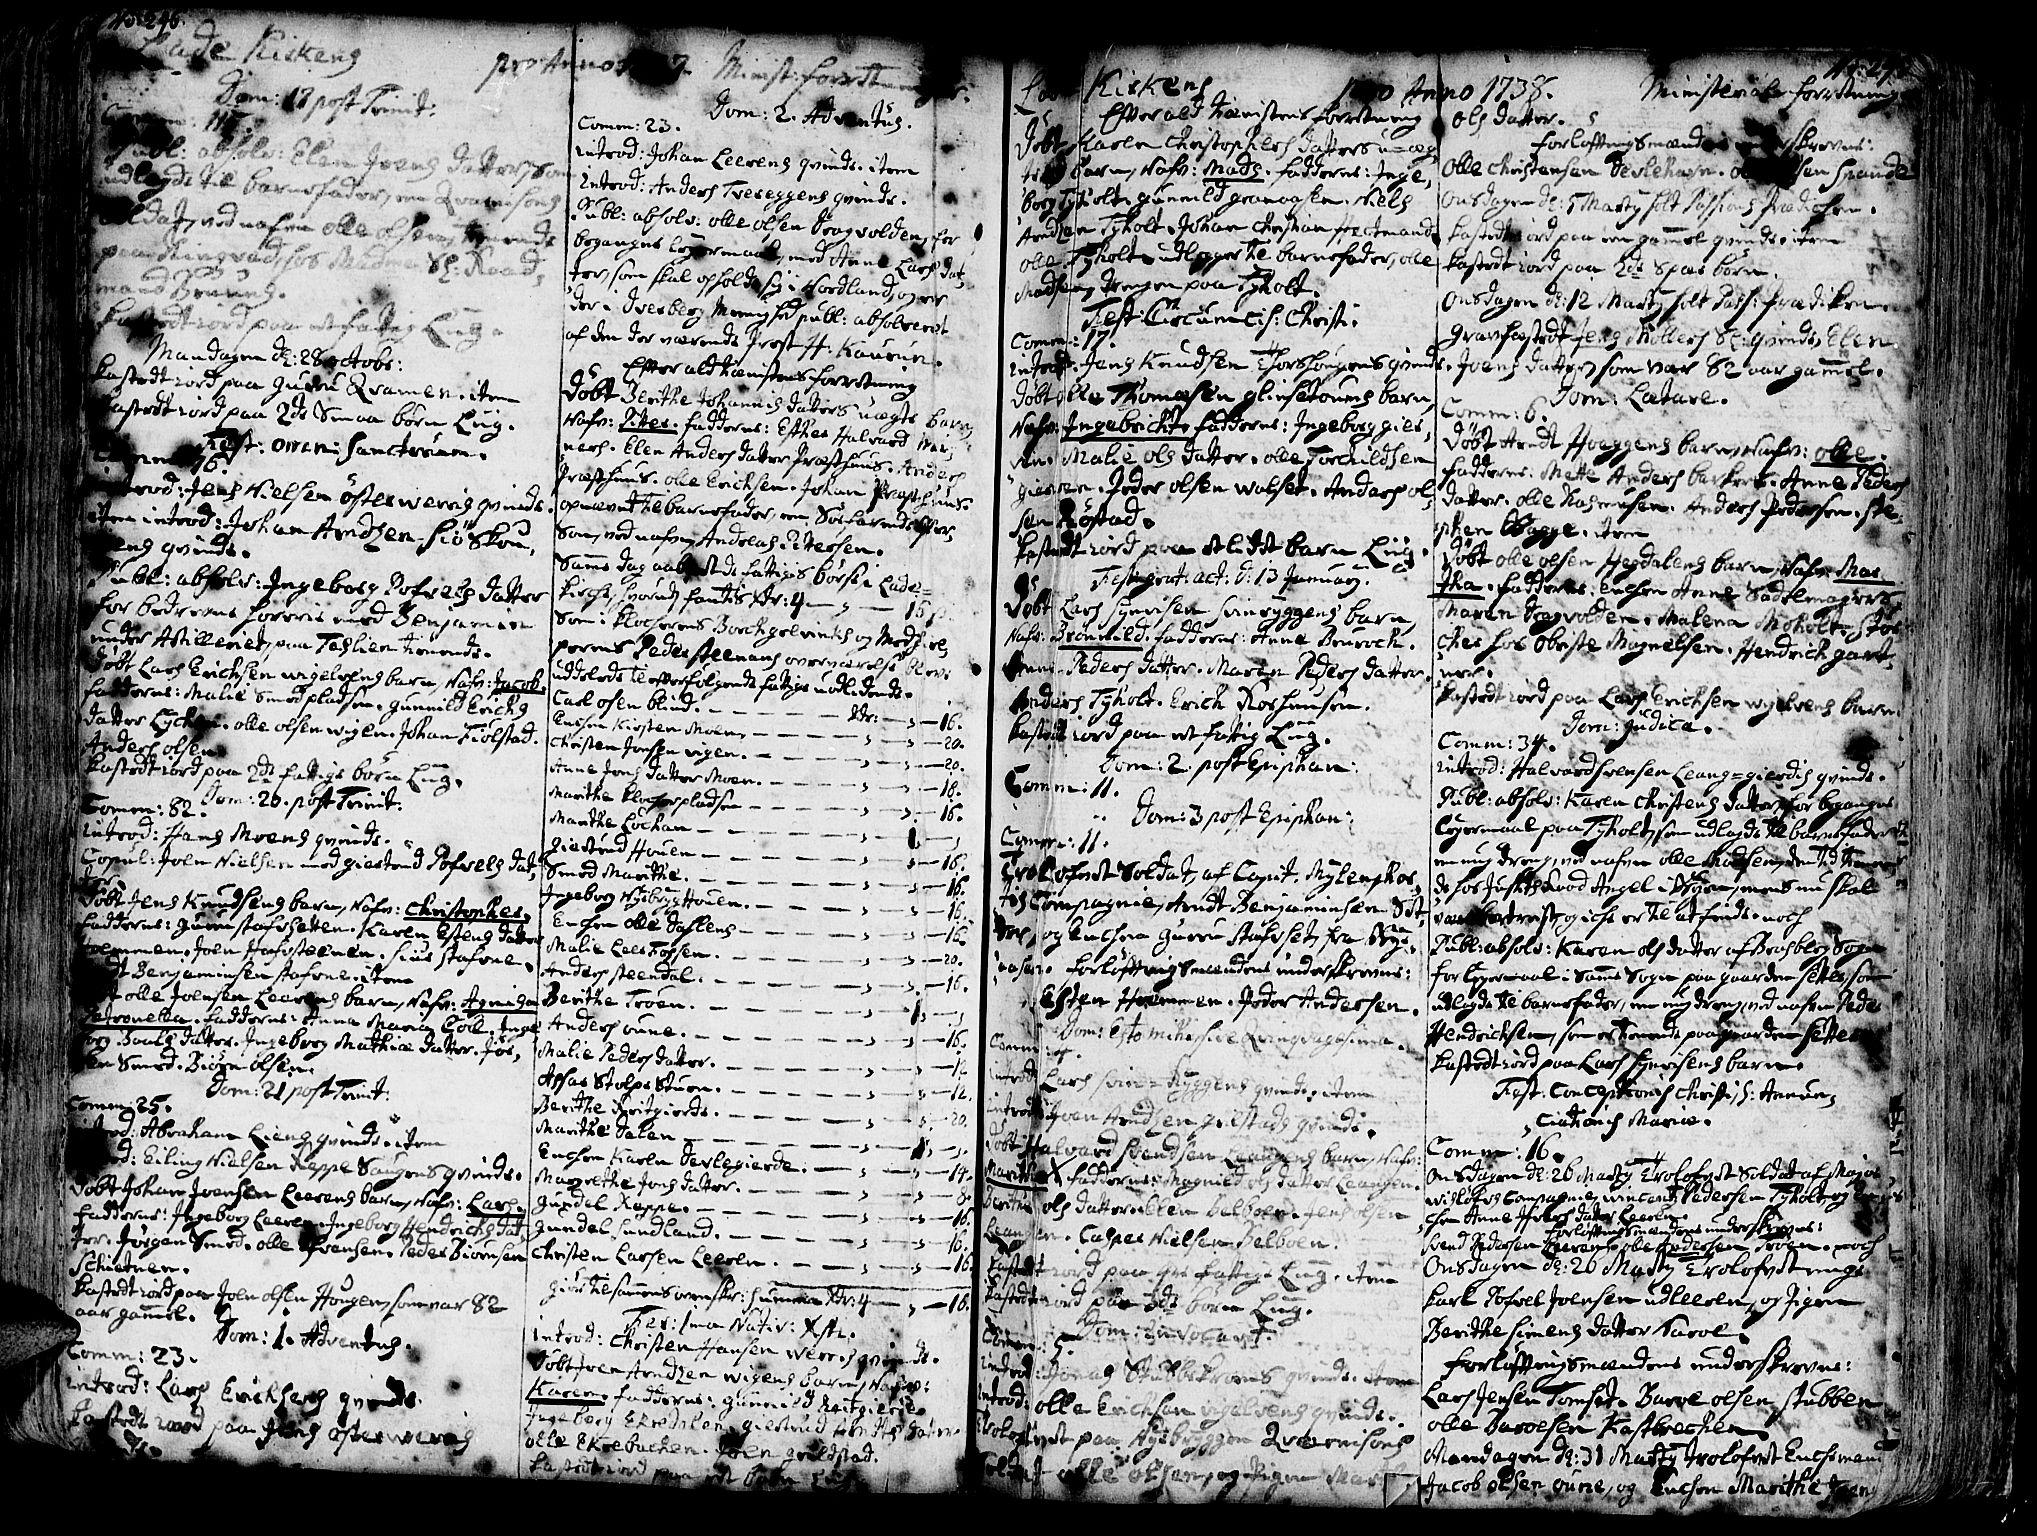 SAT, Ministerialprotokoller, klokkerbøker og fødselsregistre - Sør-Trøndelag, 606/L0275: Ministerialbok nr. 606A01 /1, 1727-1780, s. 246-247